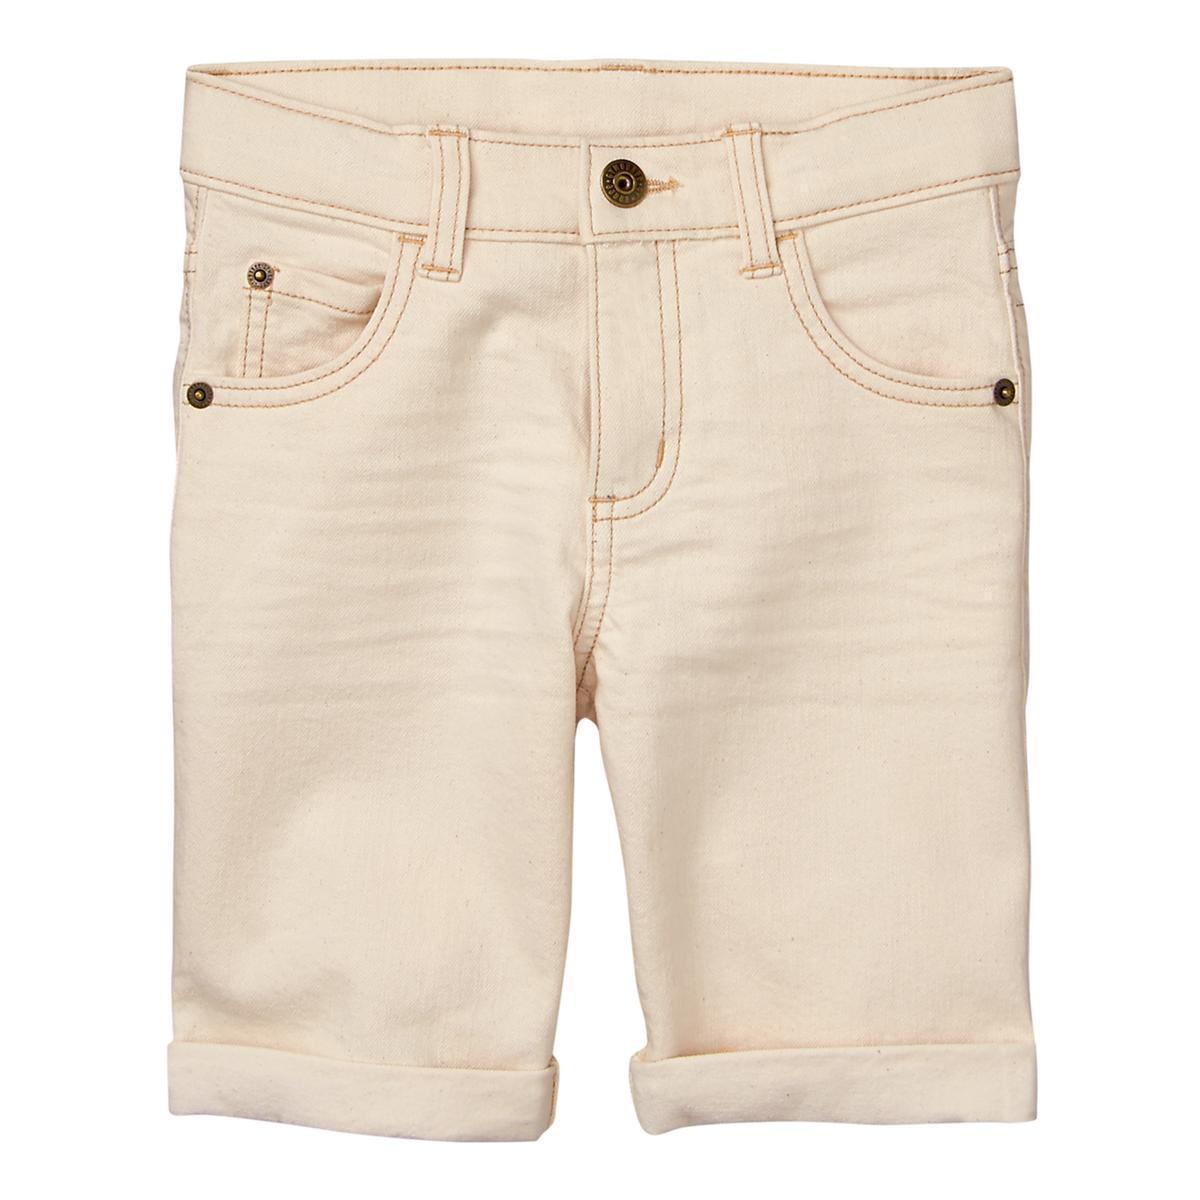 Джинсовые светлые шорты Gymboree для мальчика